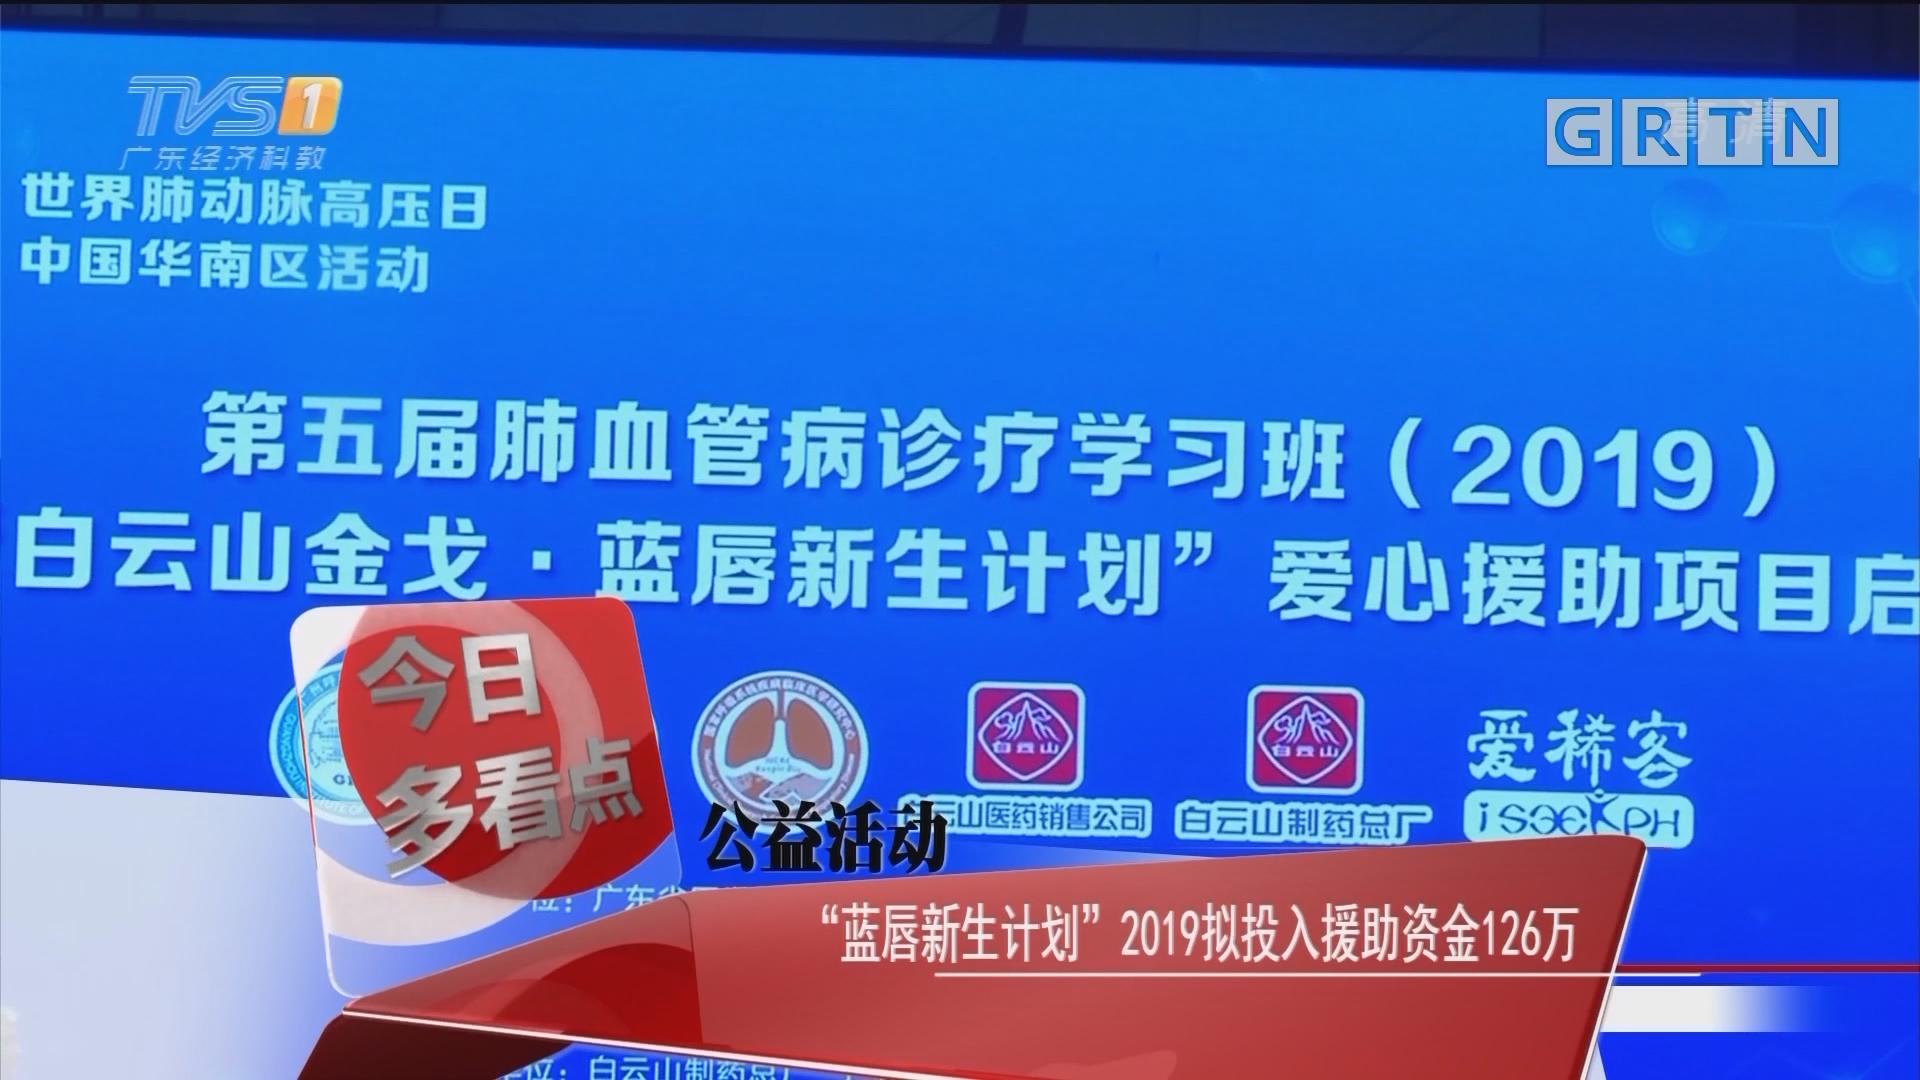 """公益活动 """"蓝唇新生计划""""2019拟投入援助资金126万"""